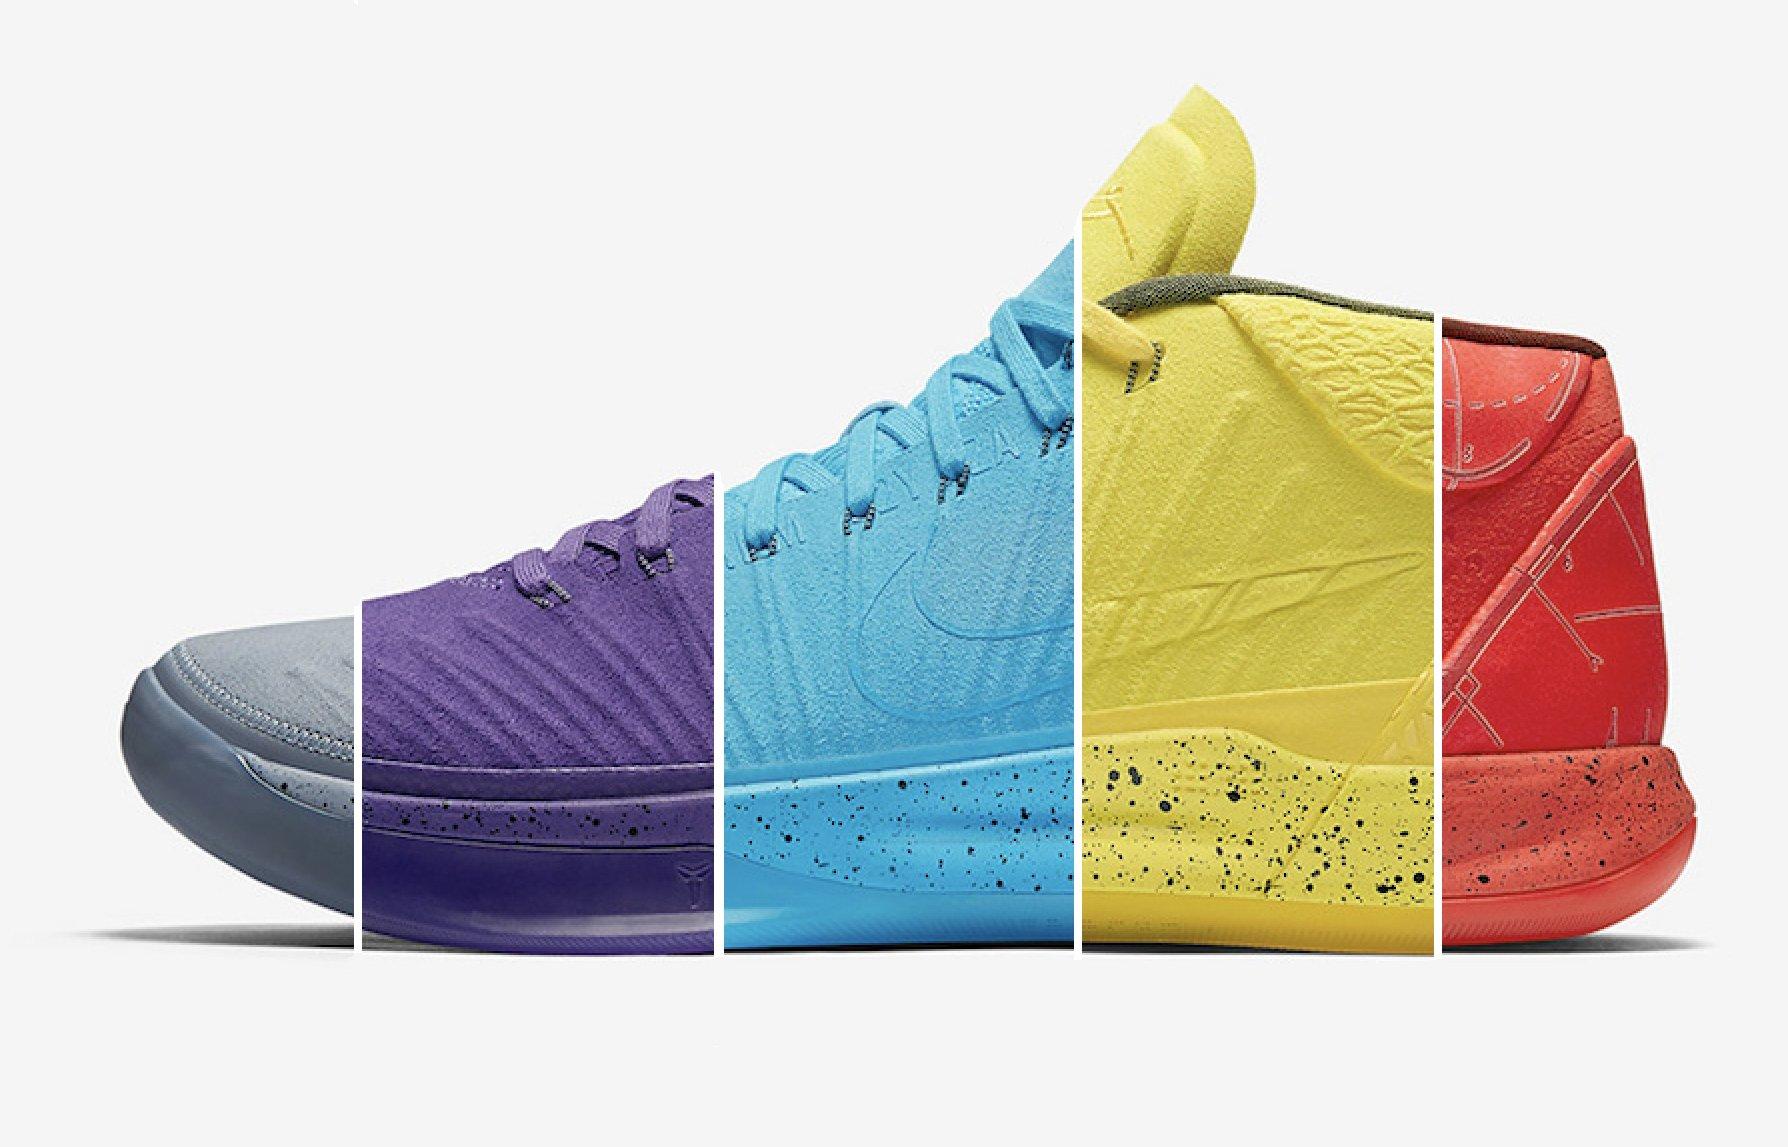 b3e96f520525 Nike Kobe AD Mid Mamba Mentality Pack